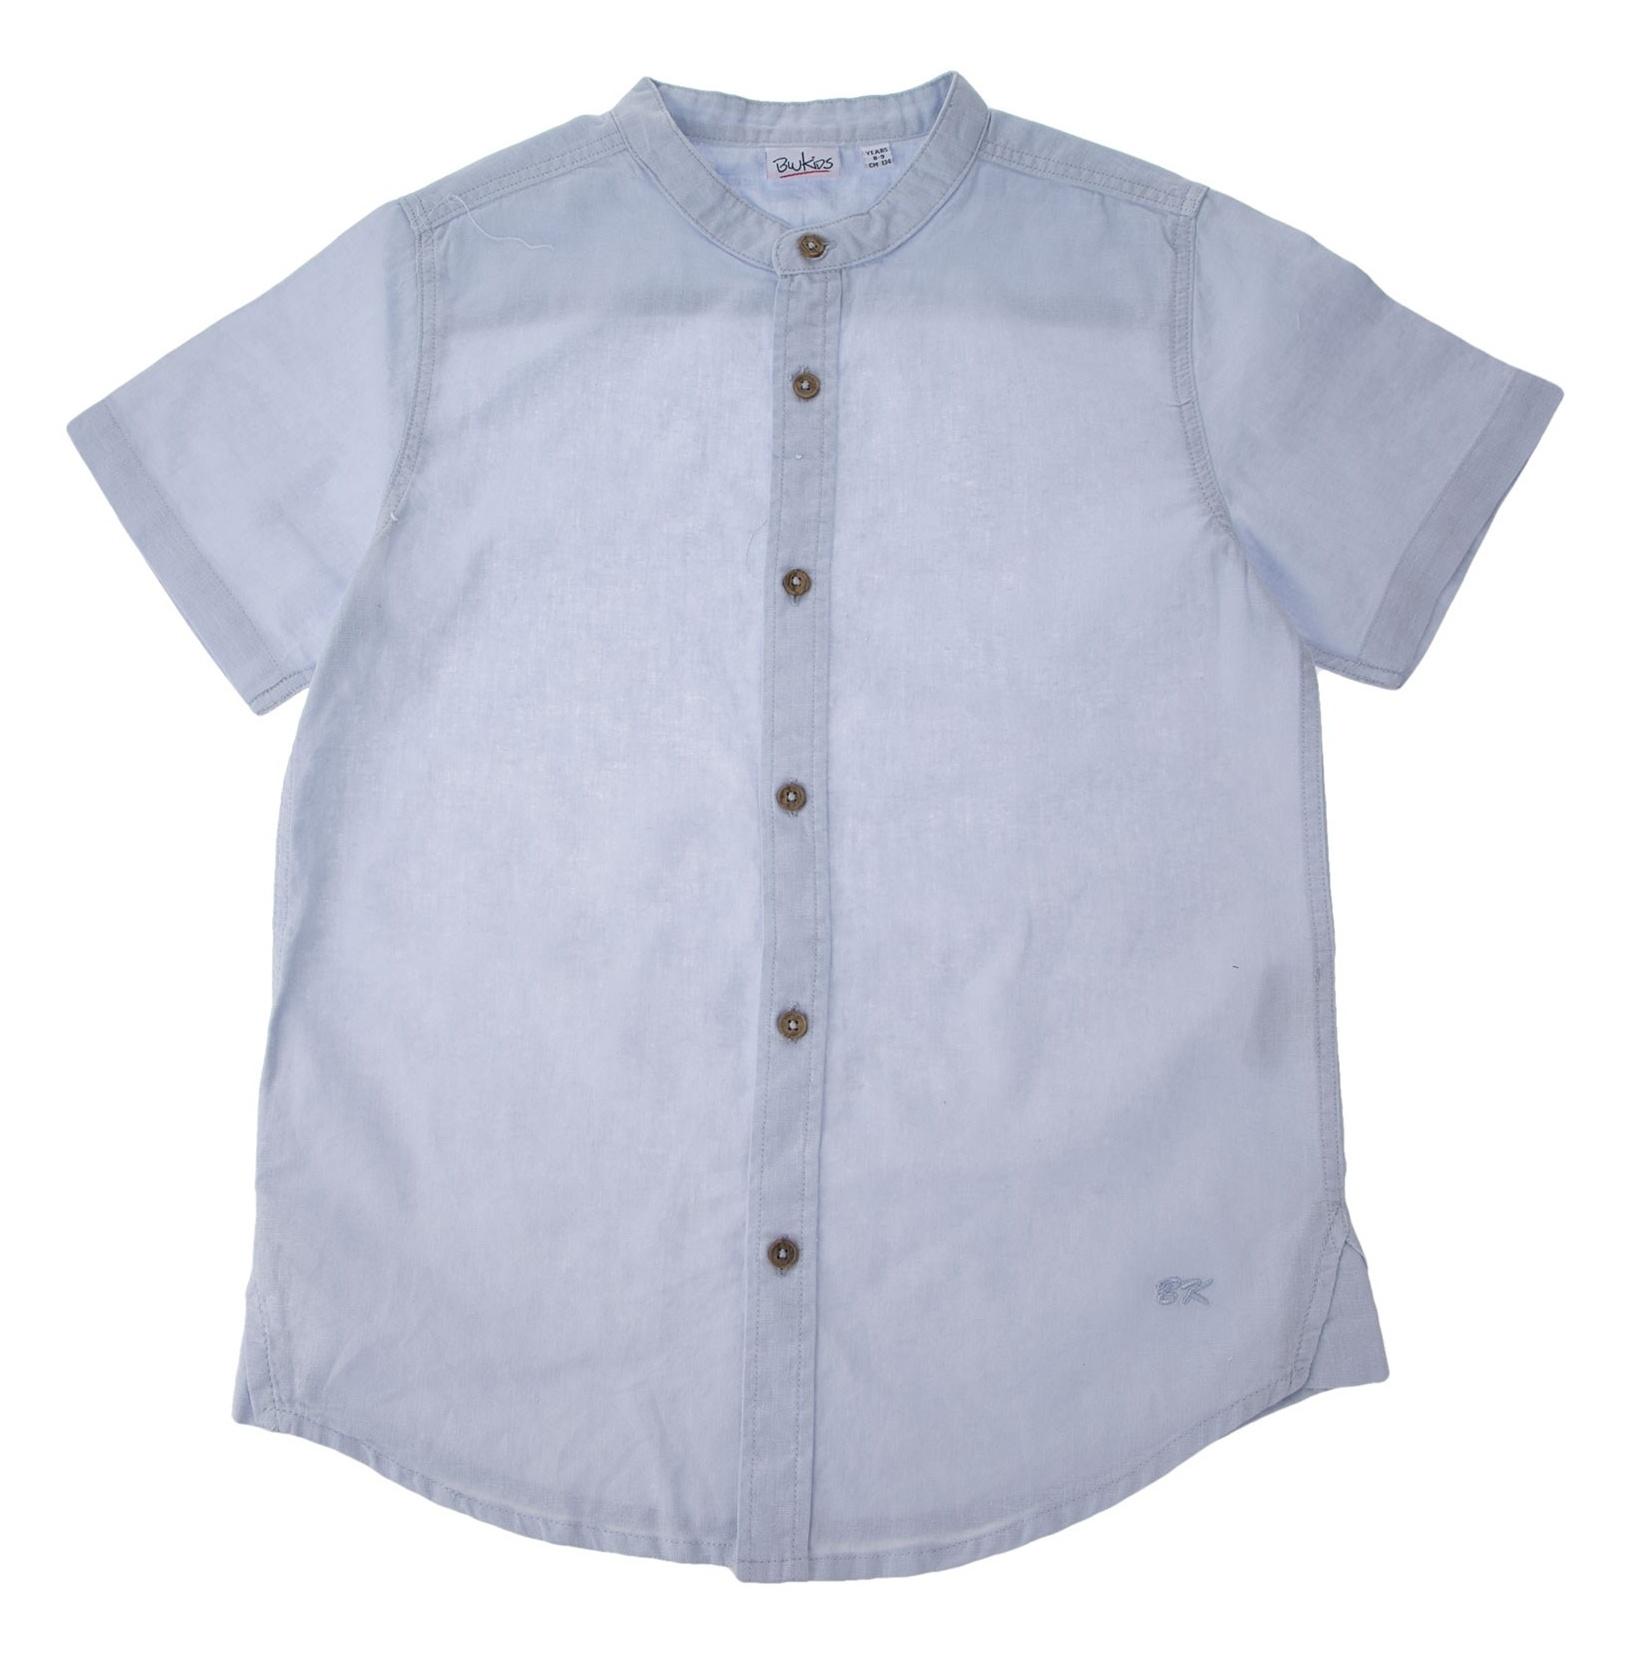 پیراهن آستین کوتاه پسرانه - بلوکیدز